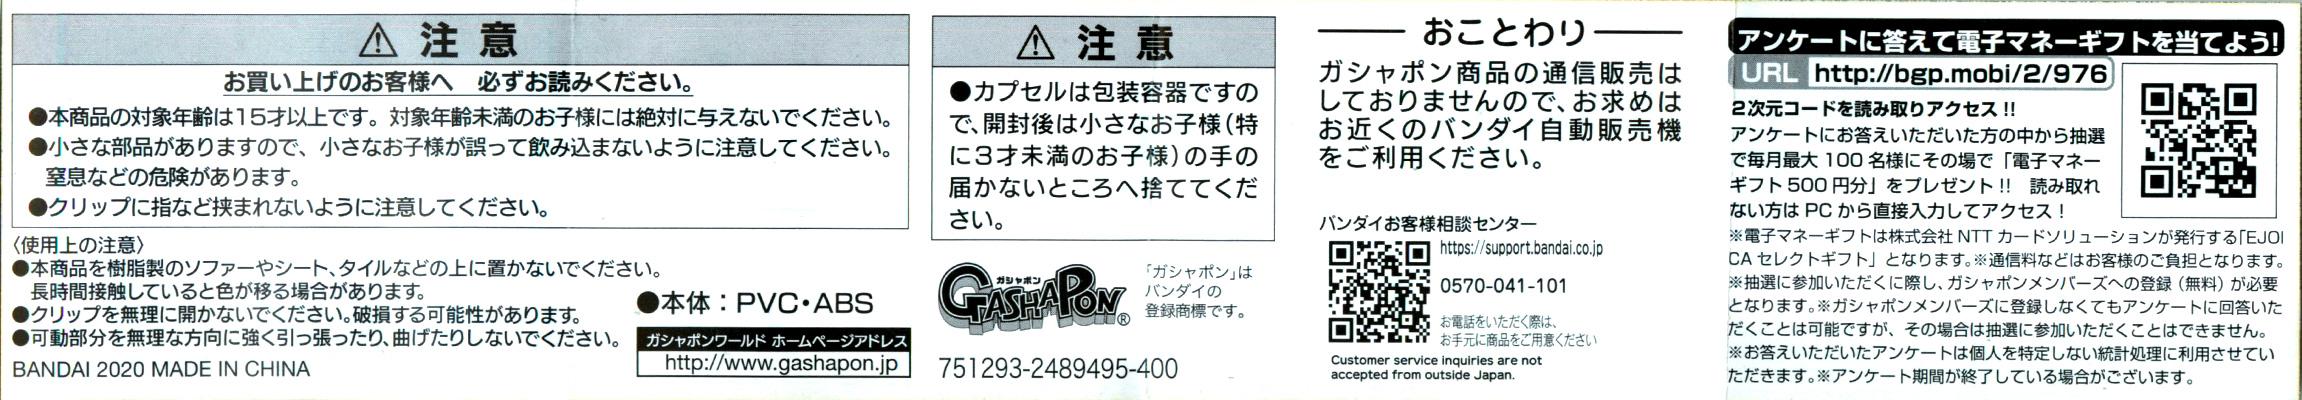 ふぃぐりっぷすぺしゃる Fate/Grand Order -絶対魔獣戦線バビロニア-